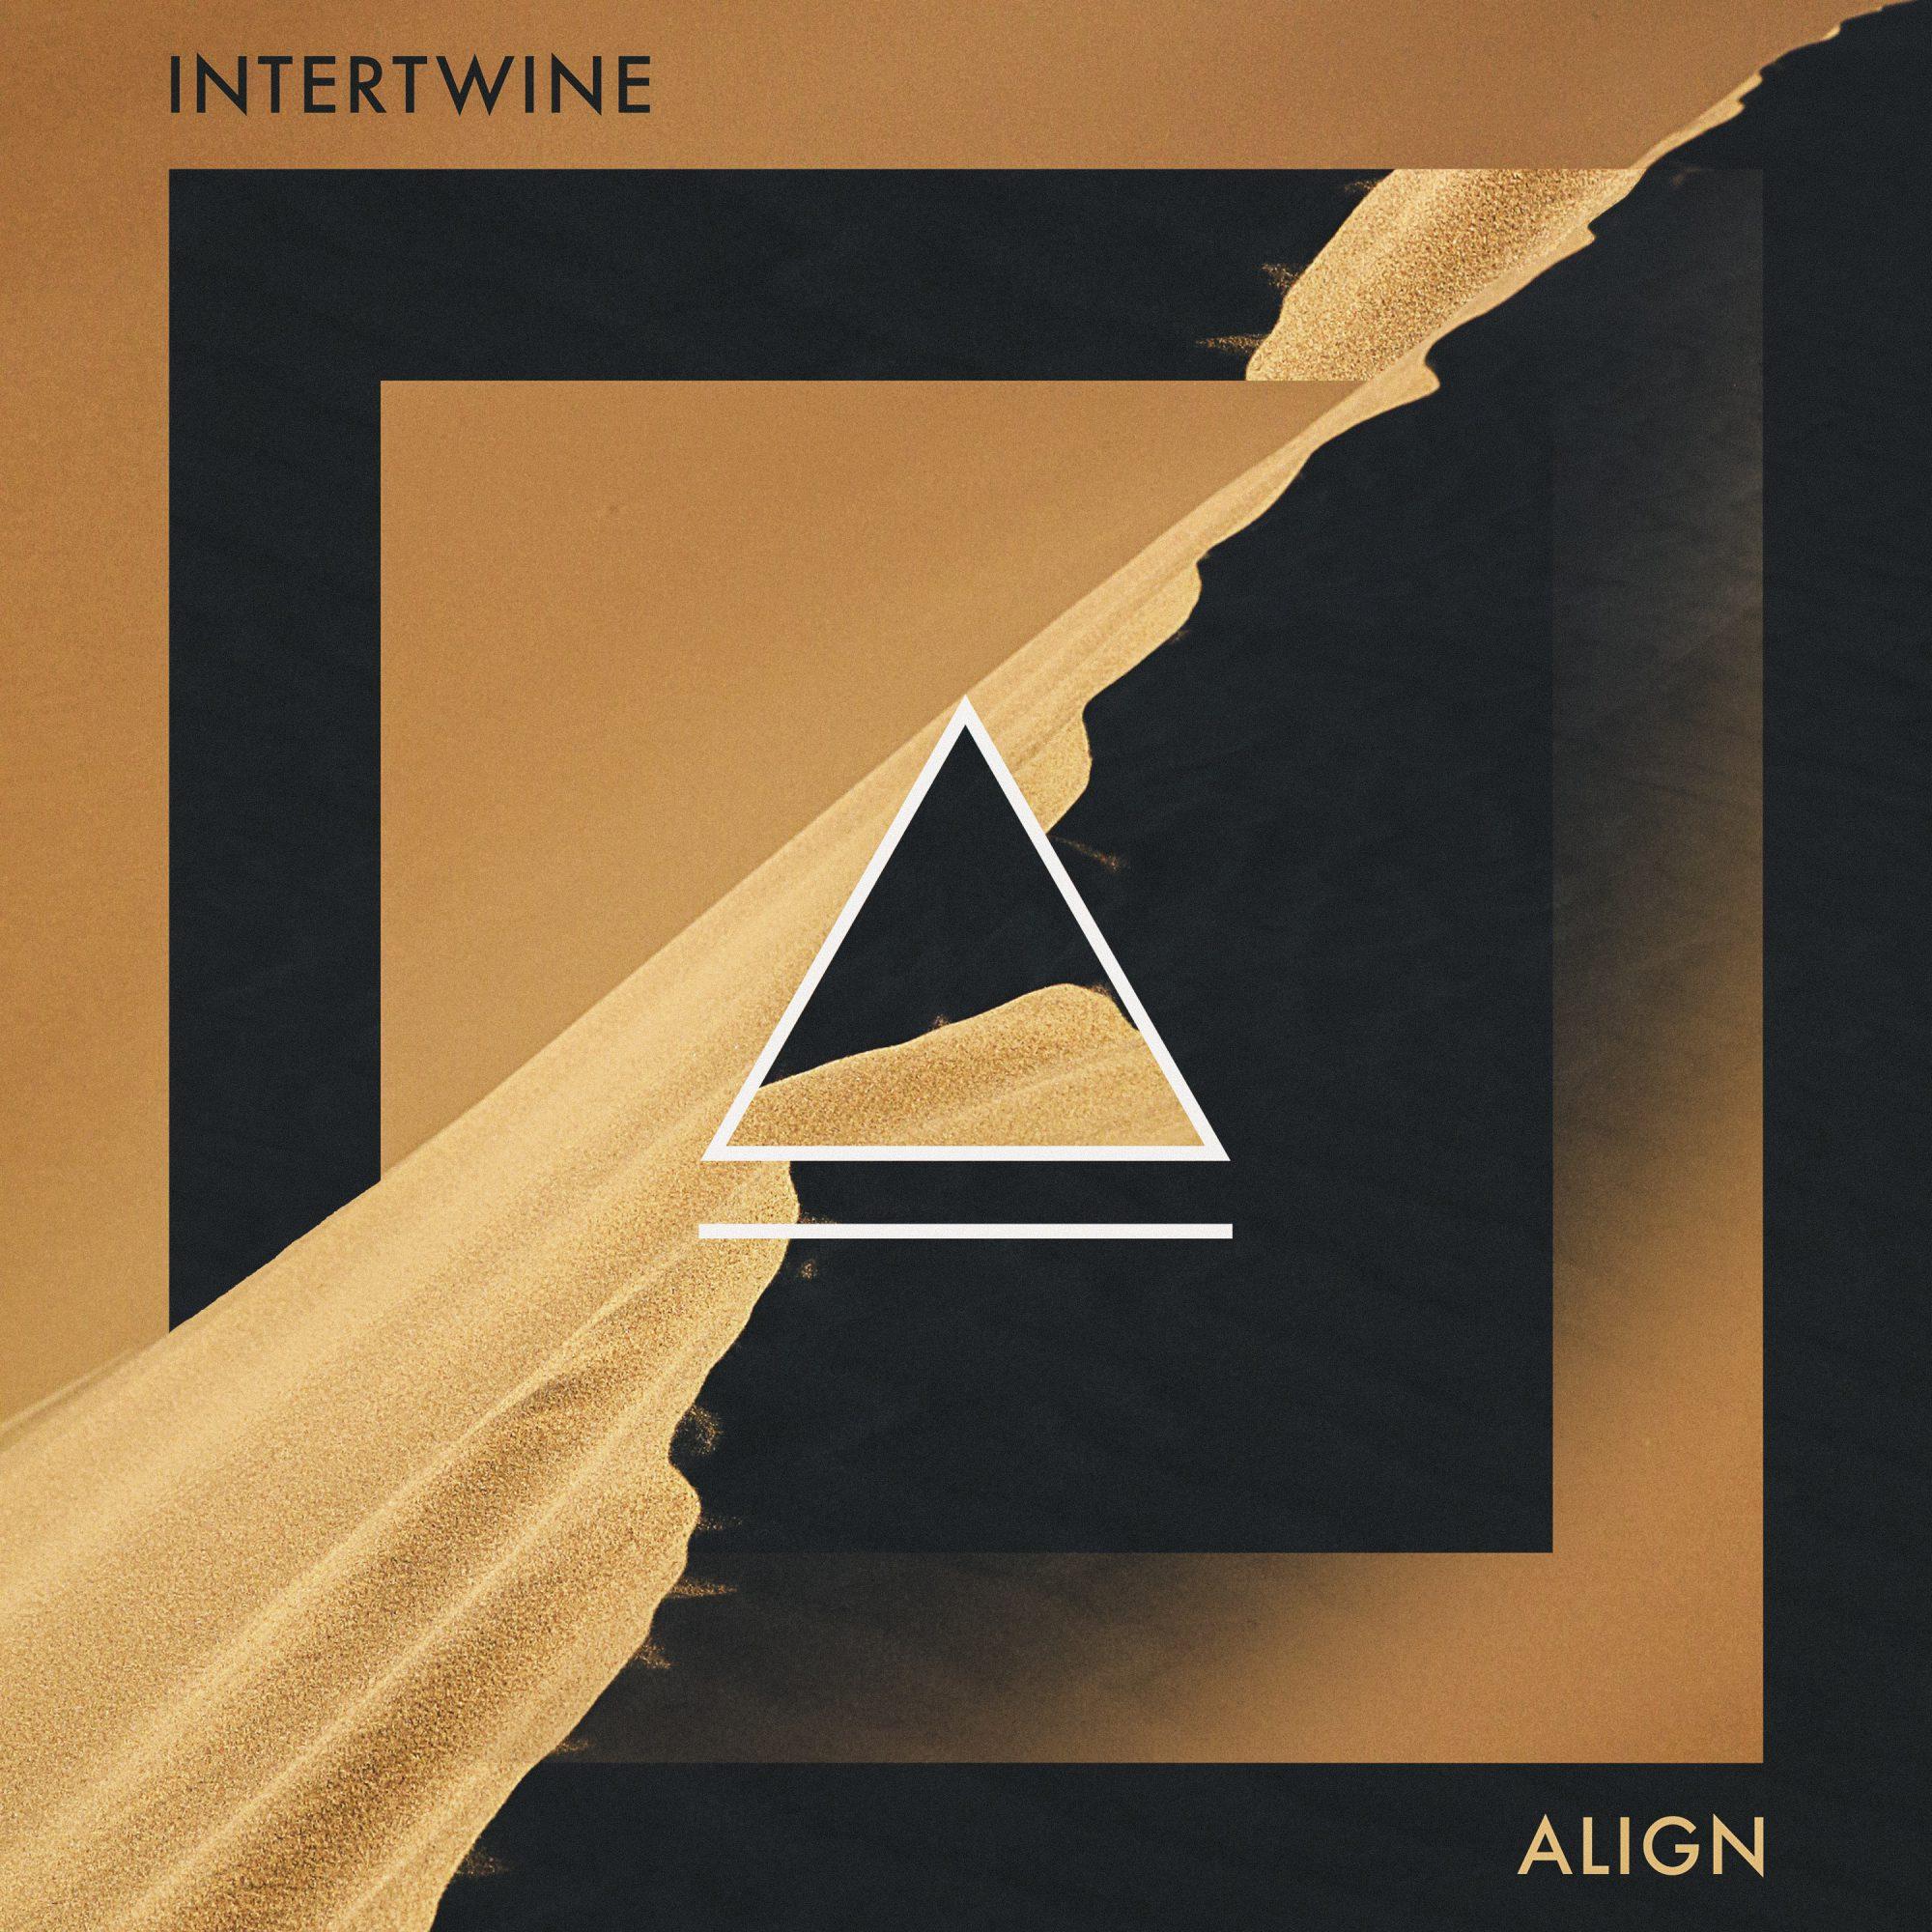 ALIGN Intertwine EP